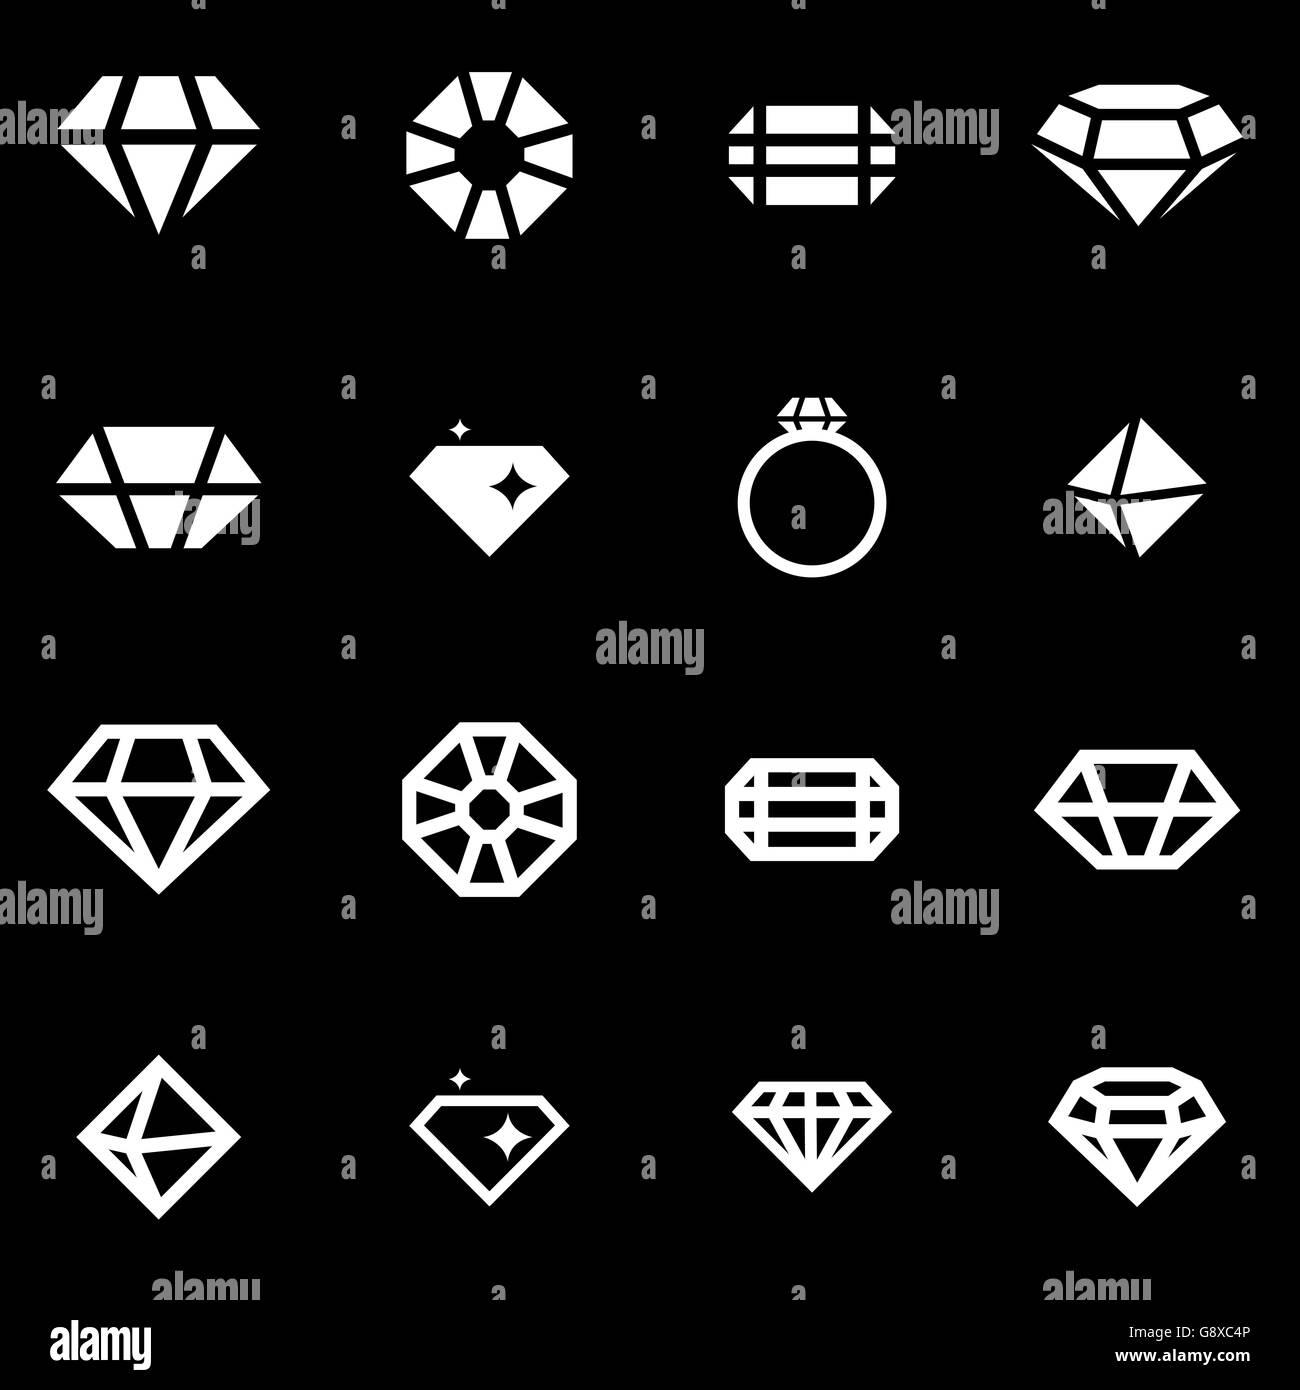 Vector white diamond icon set - Stock Image